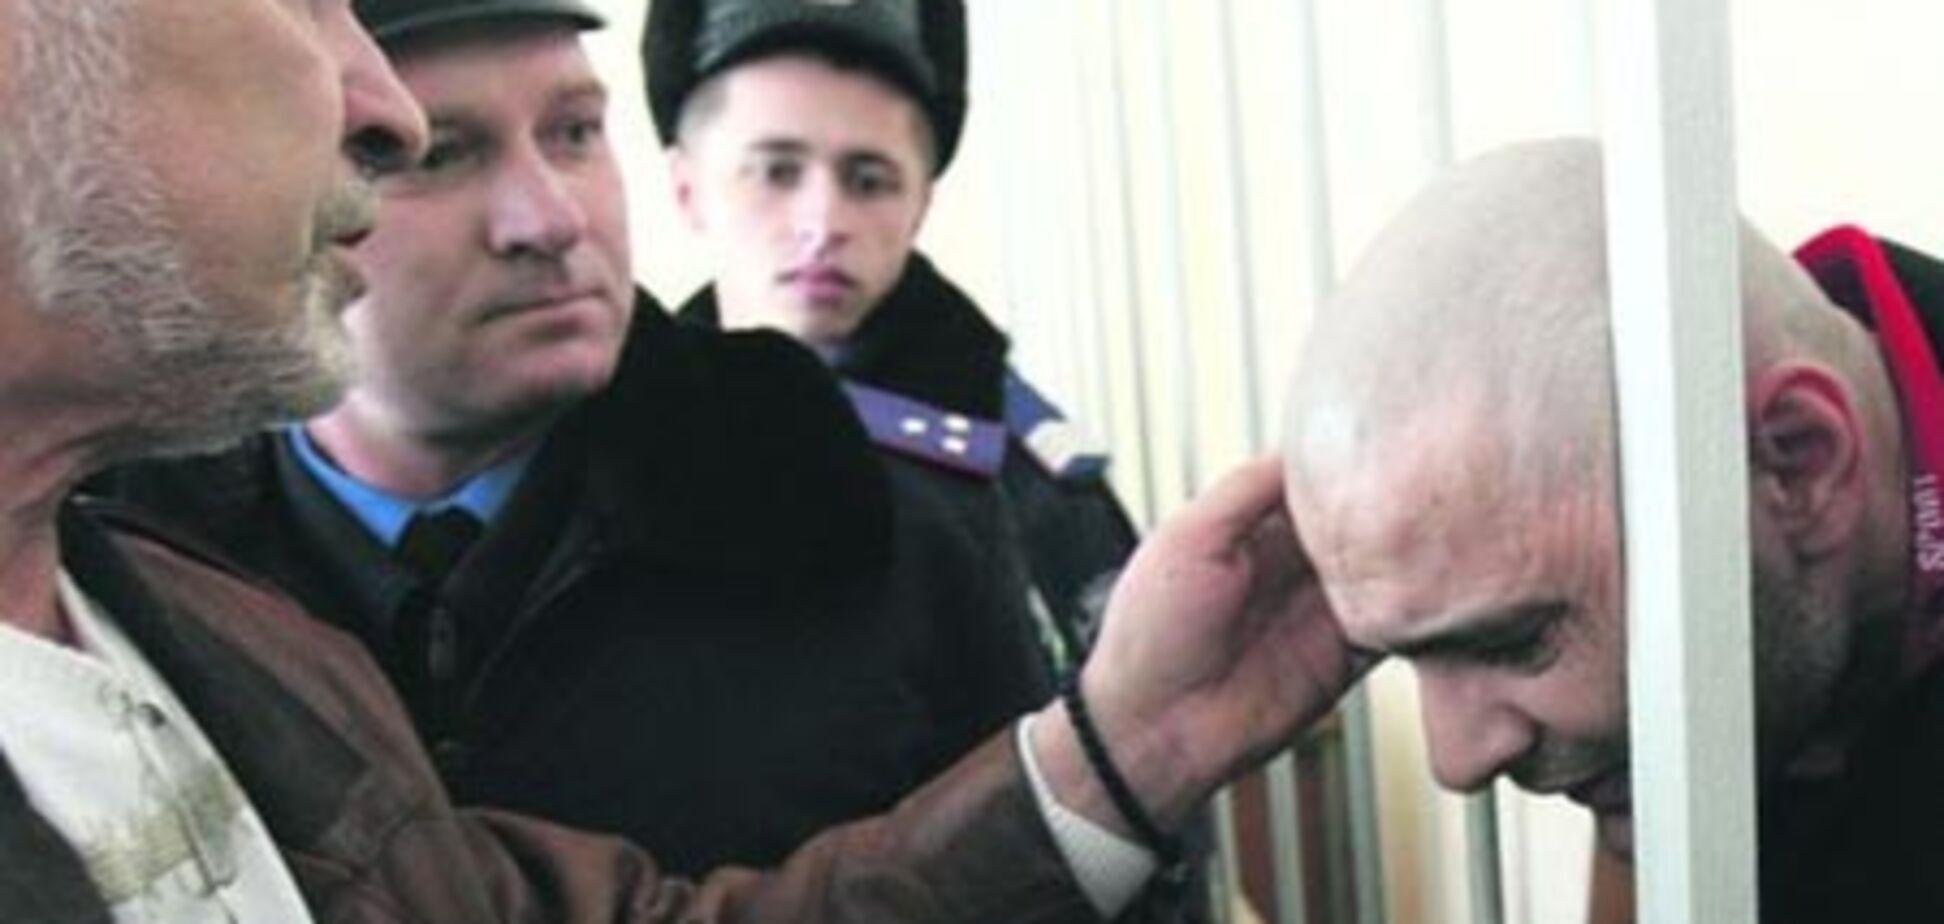 МВД: Убийство Курочкина заказали из России